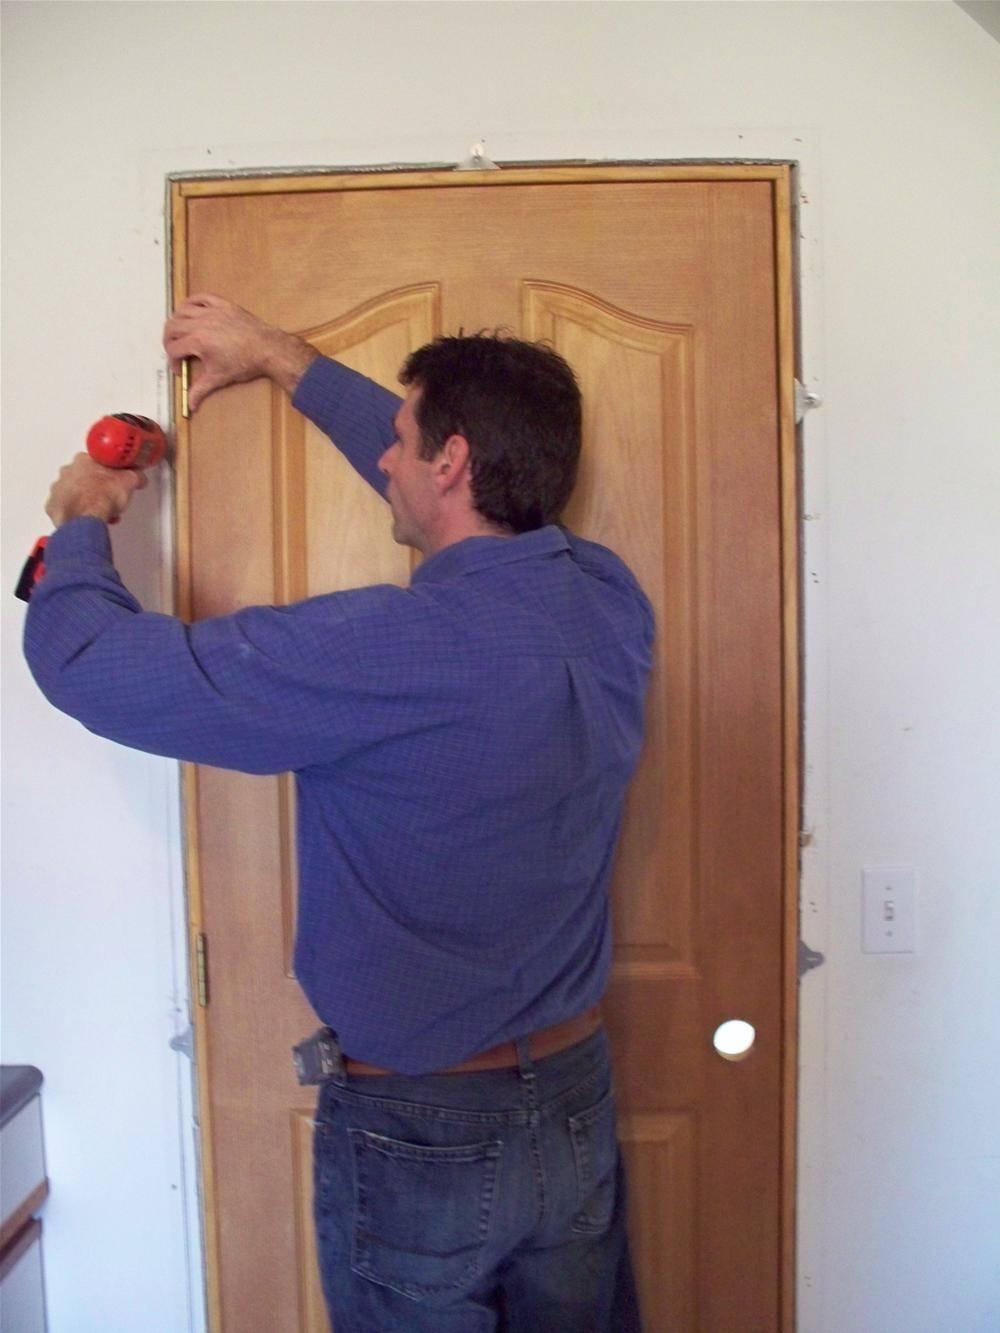 Сборка и установка дверной коробки, навешивание межкомнатной двери своими руками